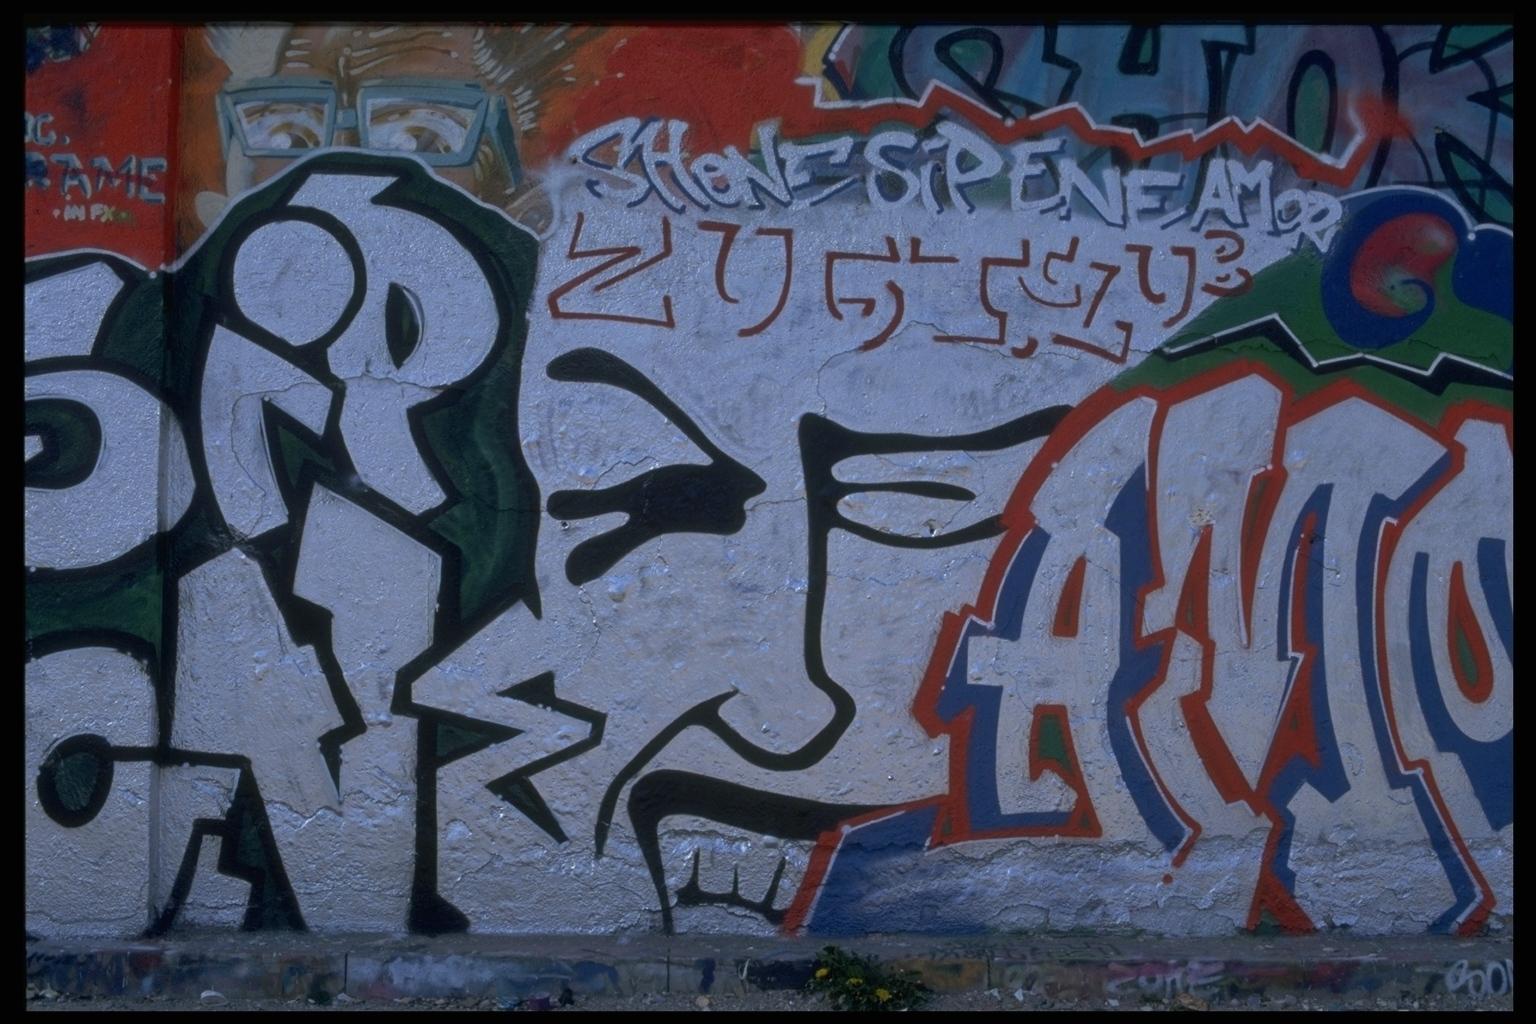 Программа Рисующая Граффити